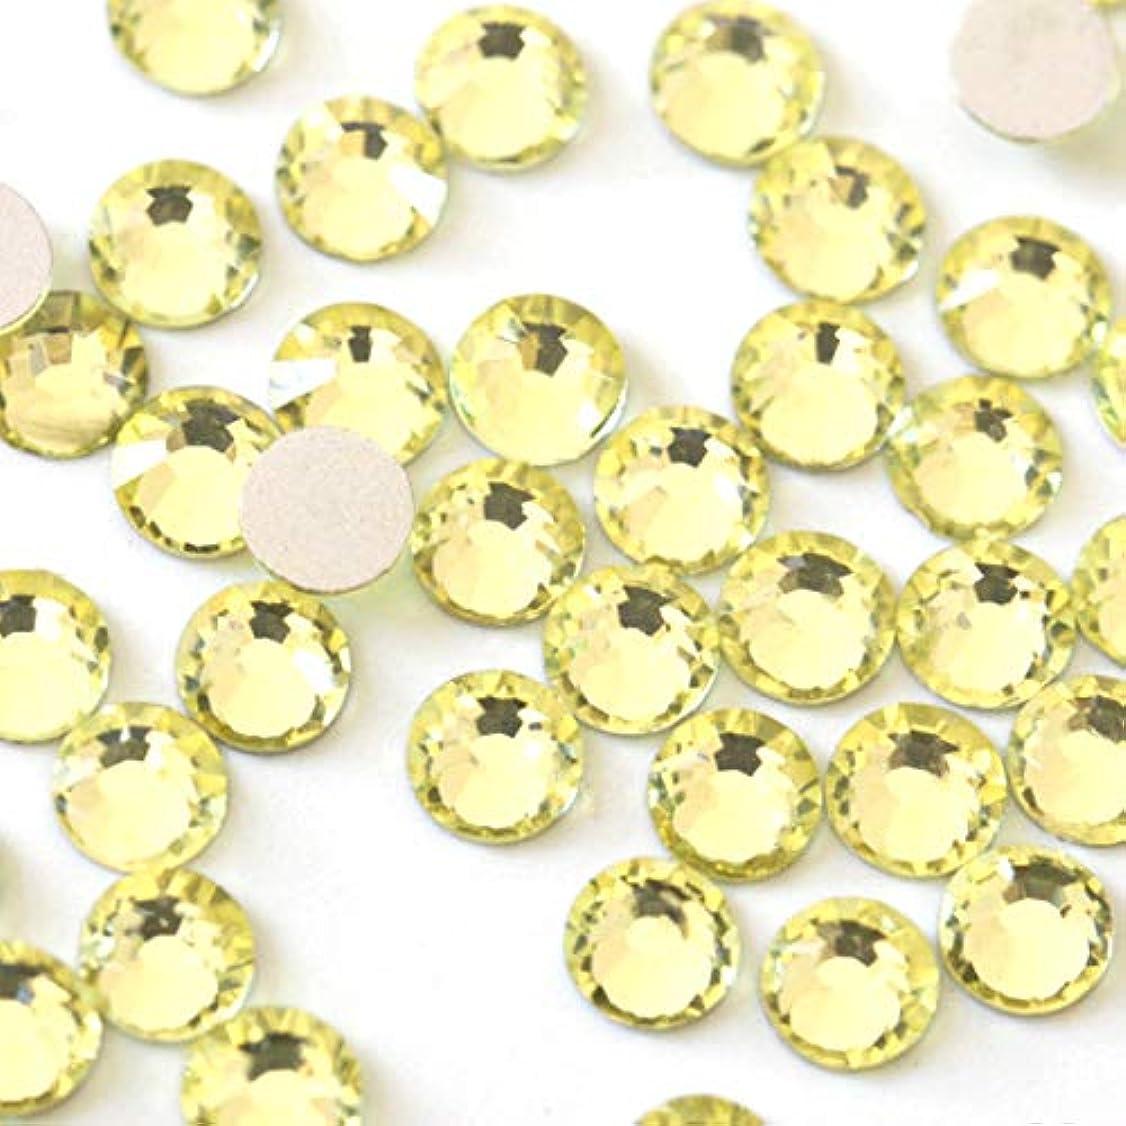 液体引退すると闘う【ラインストーン77】高品質ガラス製ラインストーン ジョンキル(1.7mm (SS5) 約200粒)